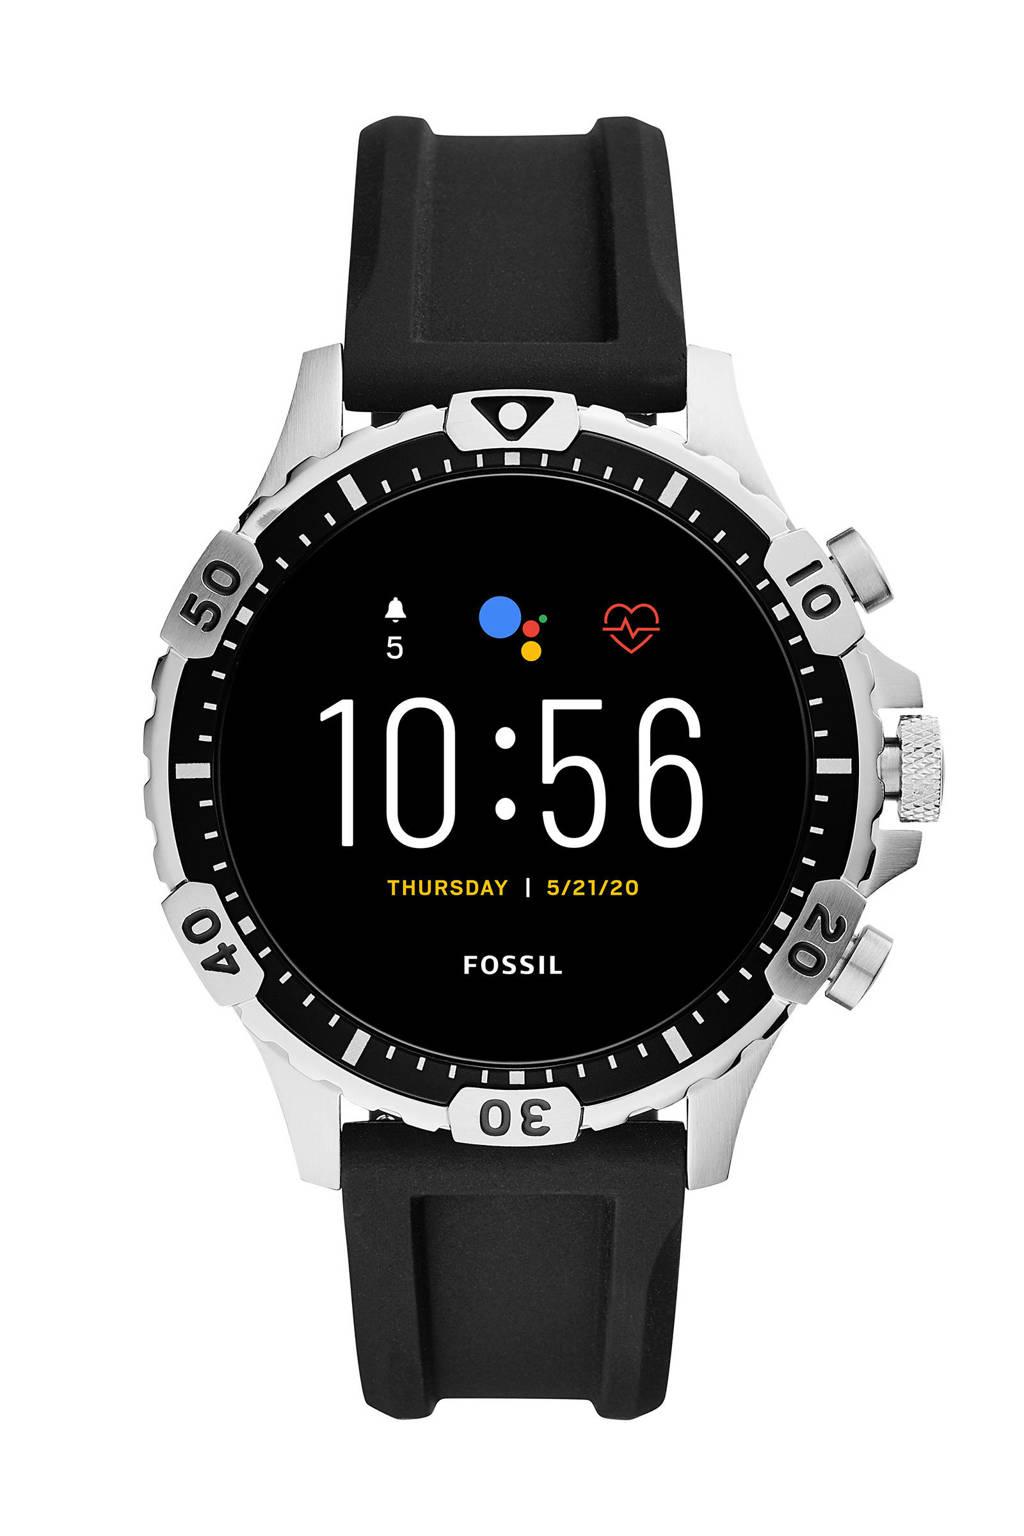 Fossil Garrett Hr Gen 5 Heren Display Smartwatch FTW4041, Zwart